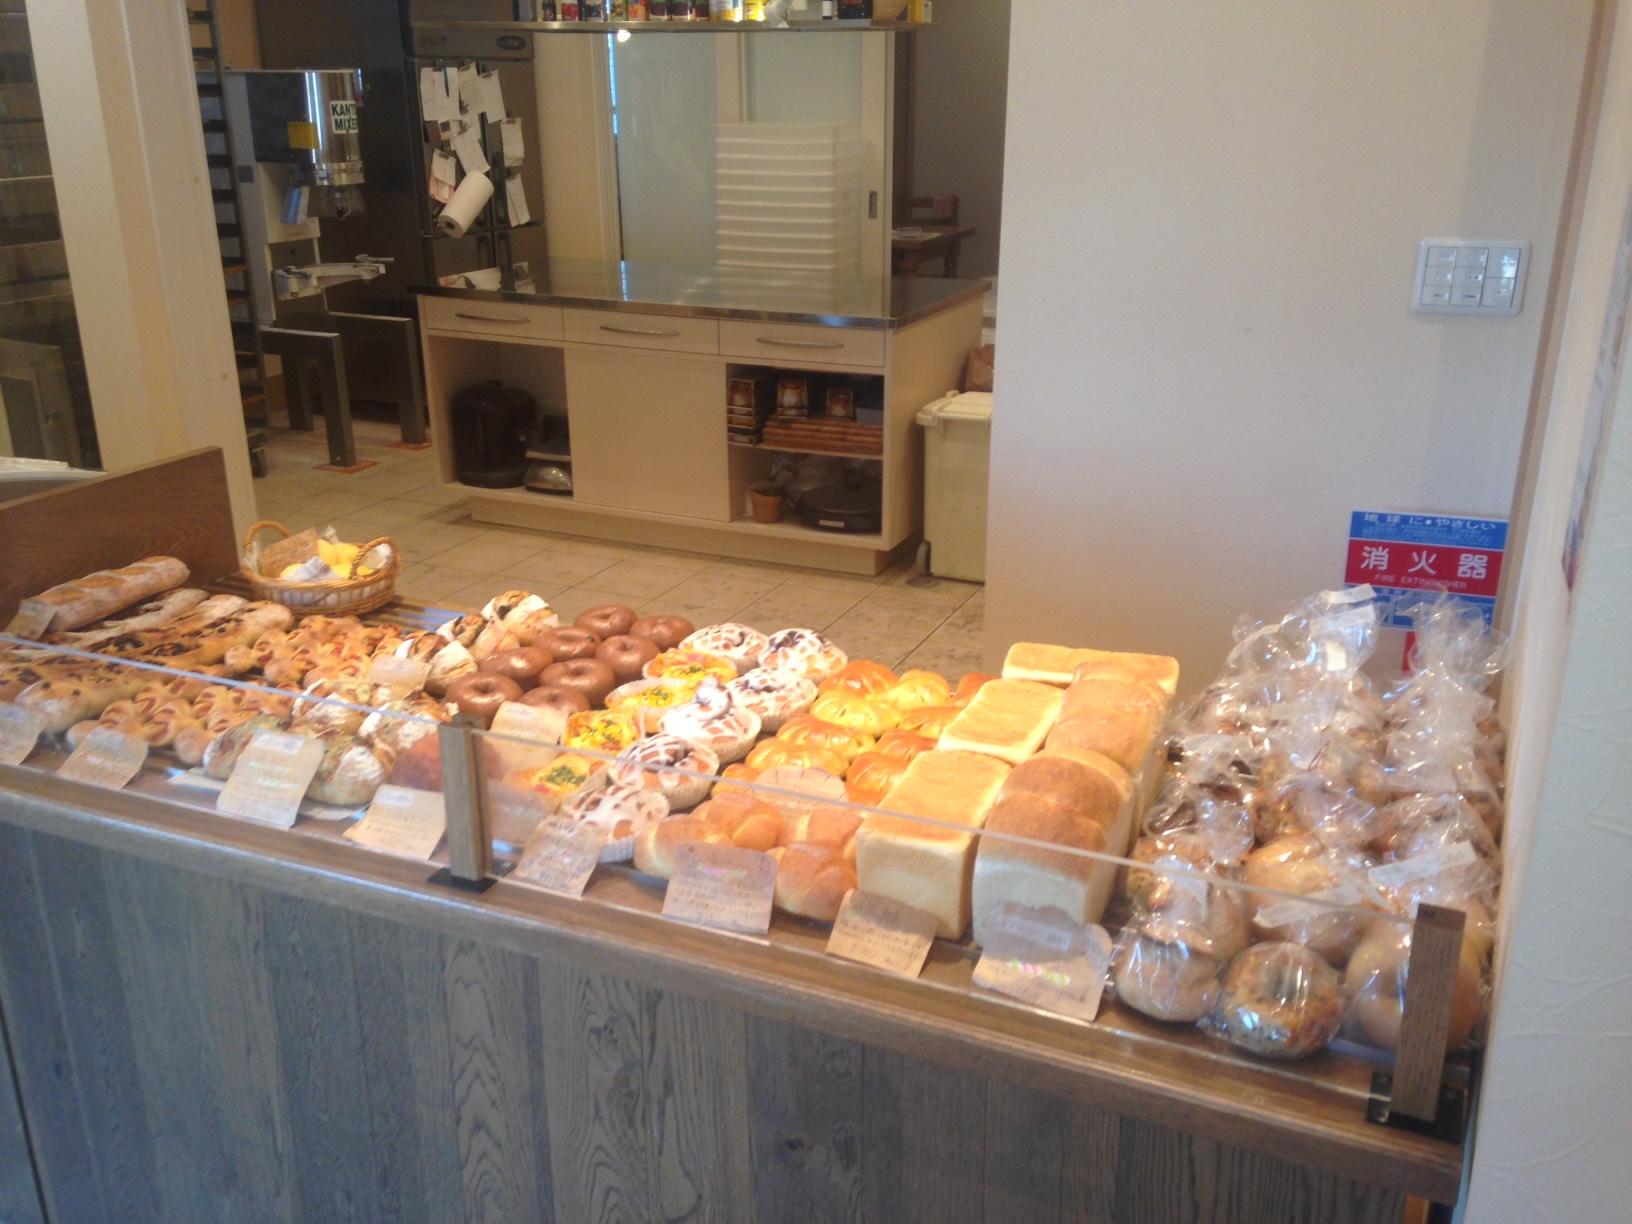 天然酵母パンが楽しめる「はやしぱん」さん in 名古屋市 藤が丘